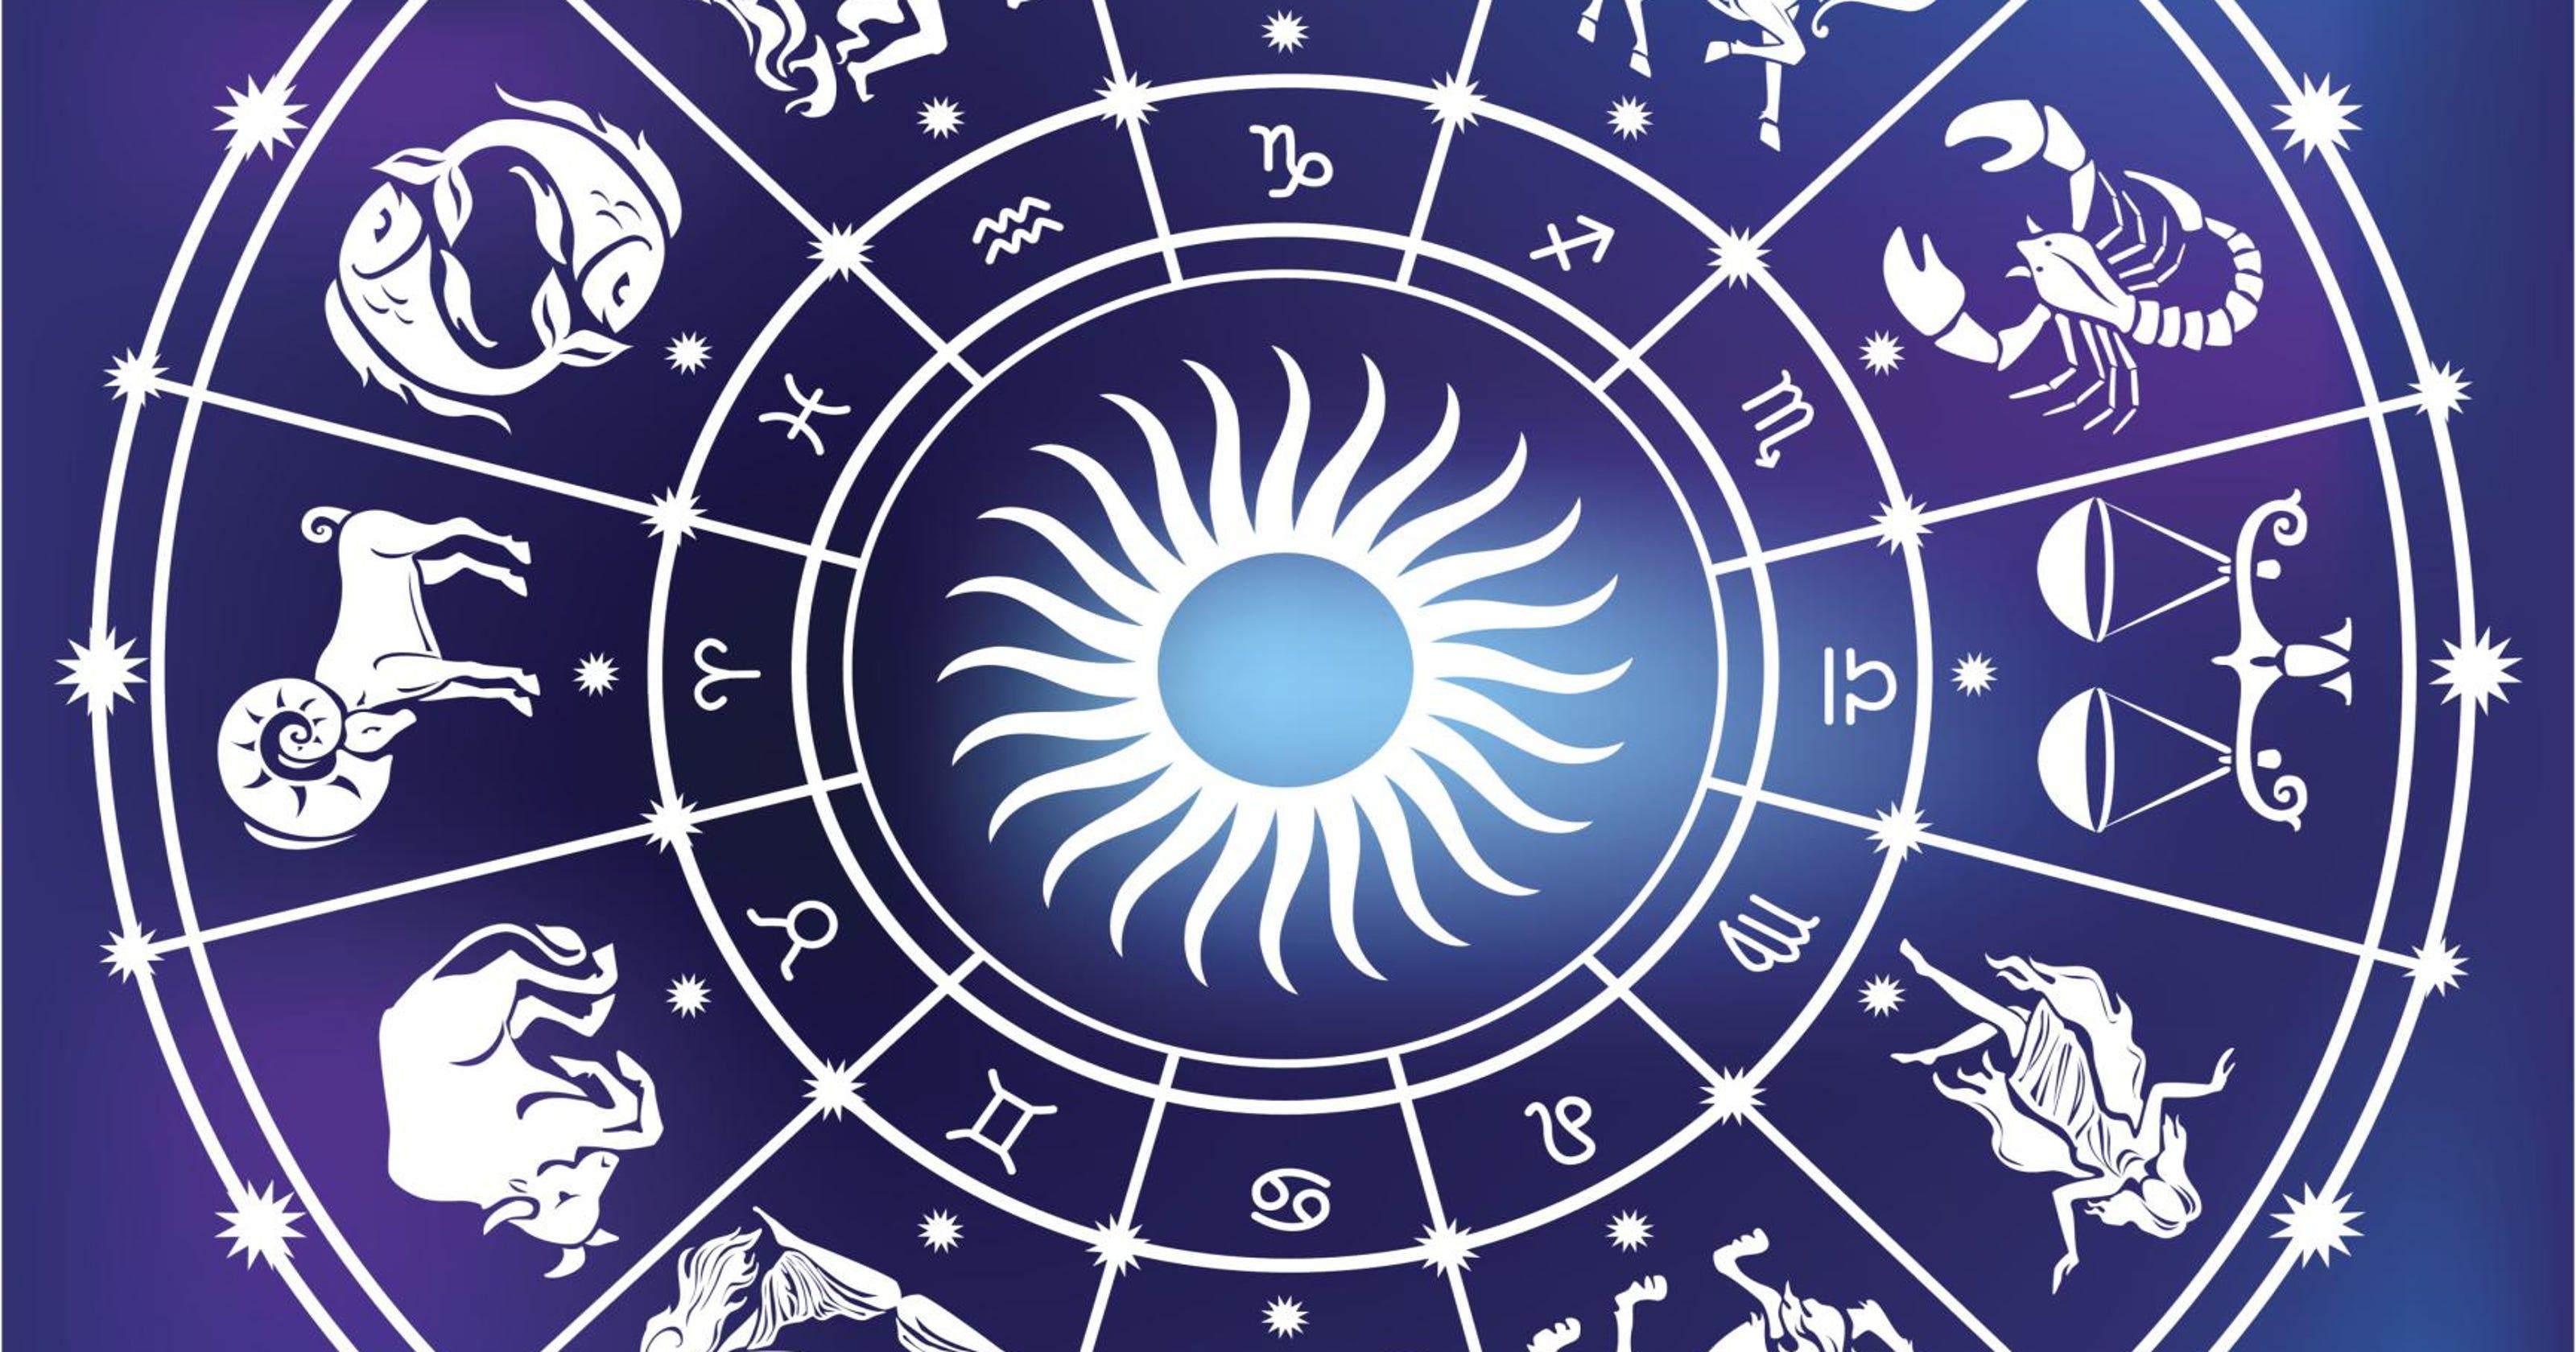 Scorpio Monthly Horoscope For September 2010